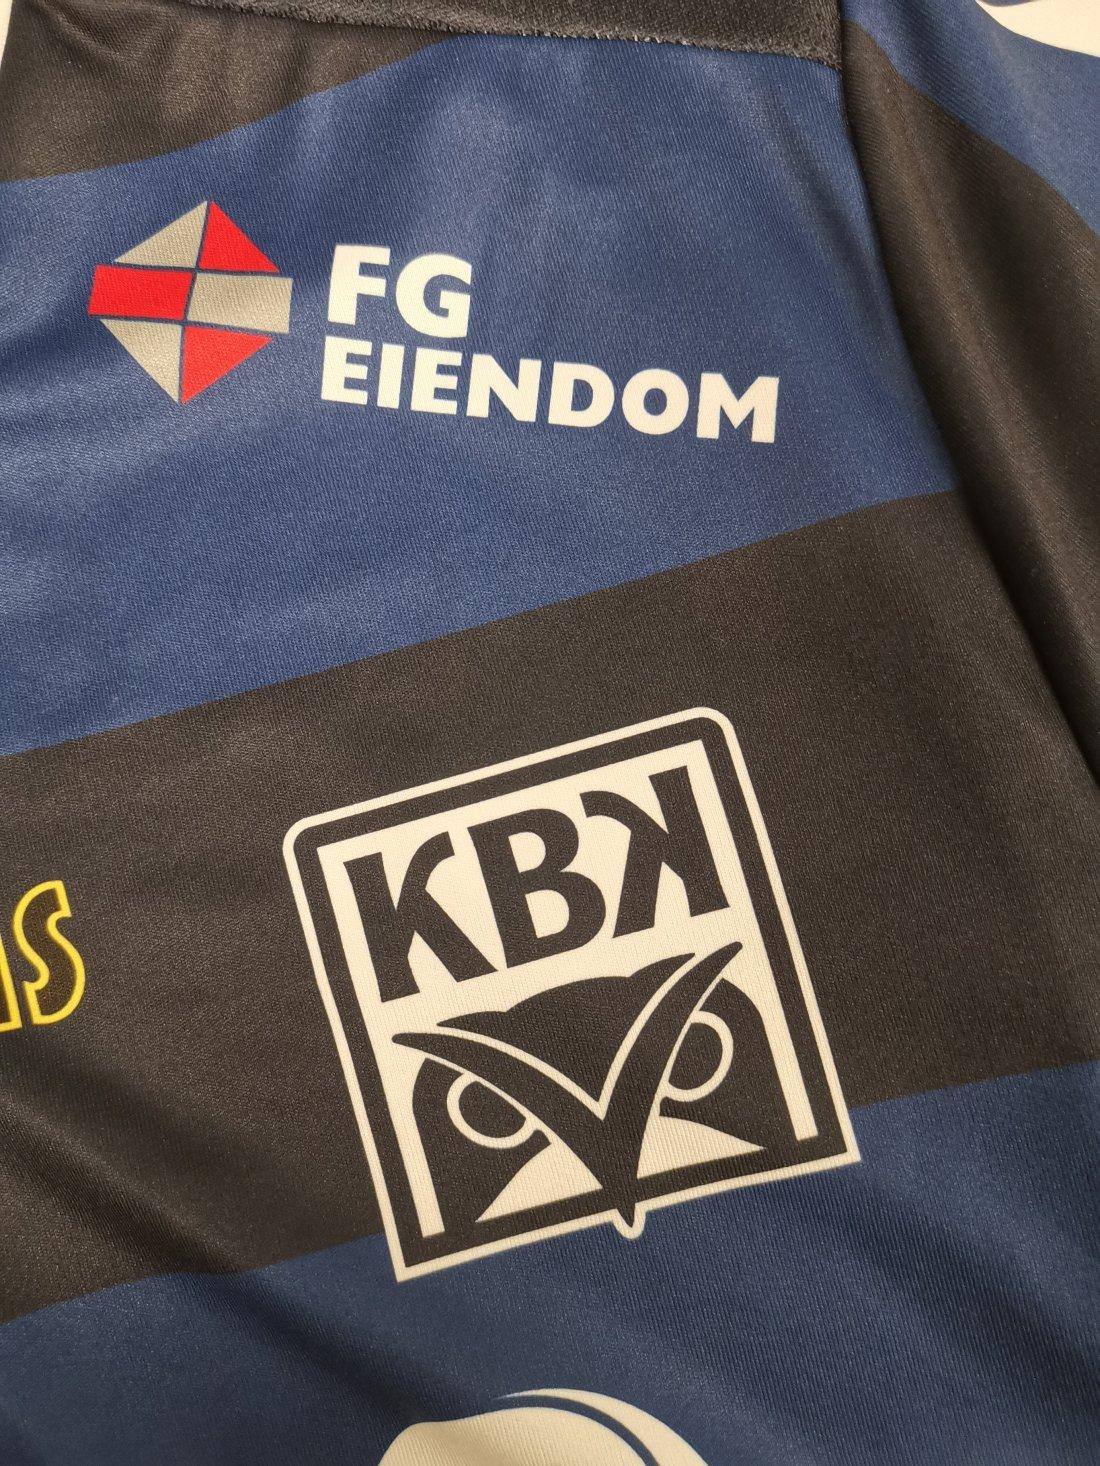 FG Eiendom har vært profilert på KBK-drakten i mange år, det vil de også være i 2020!